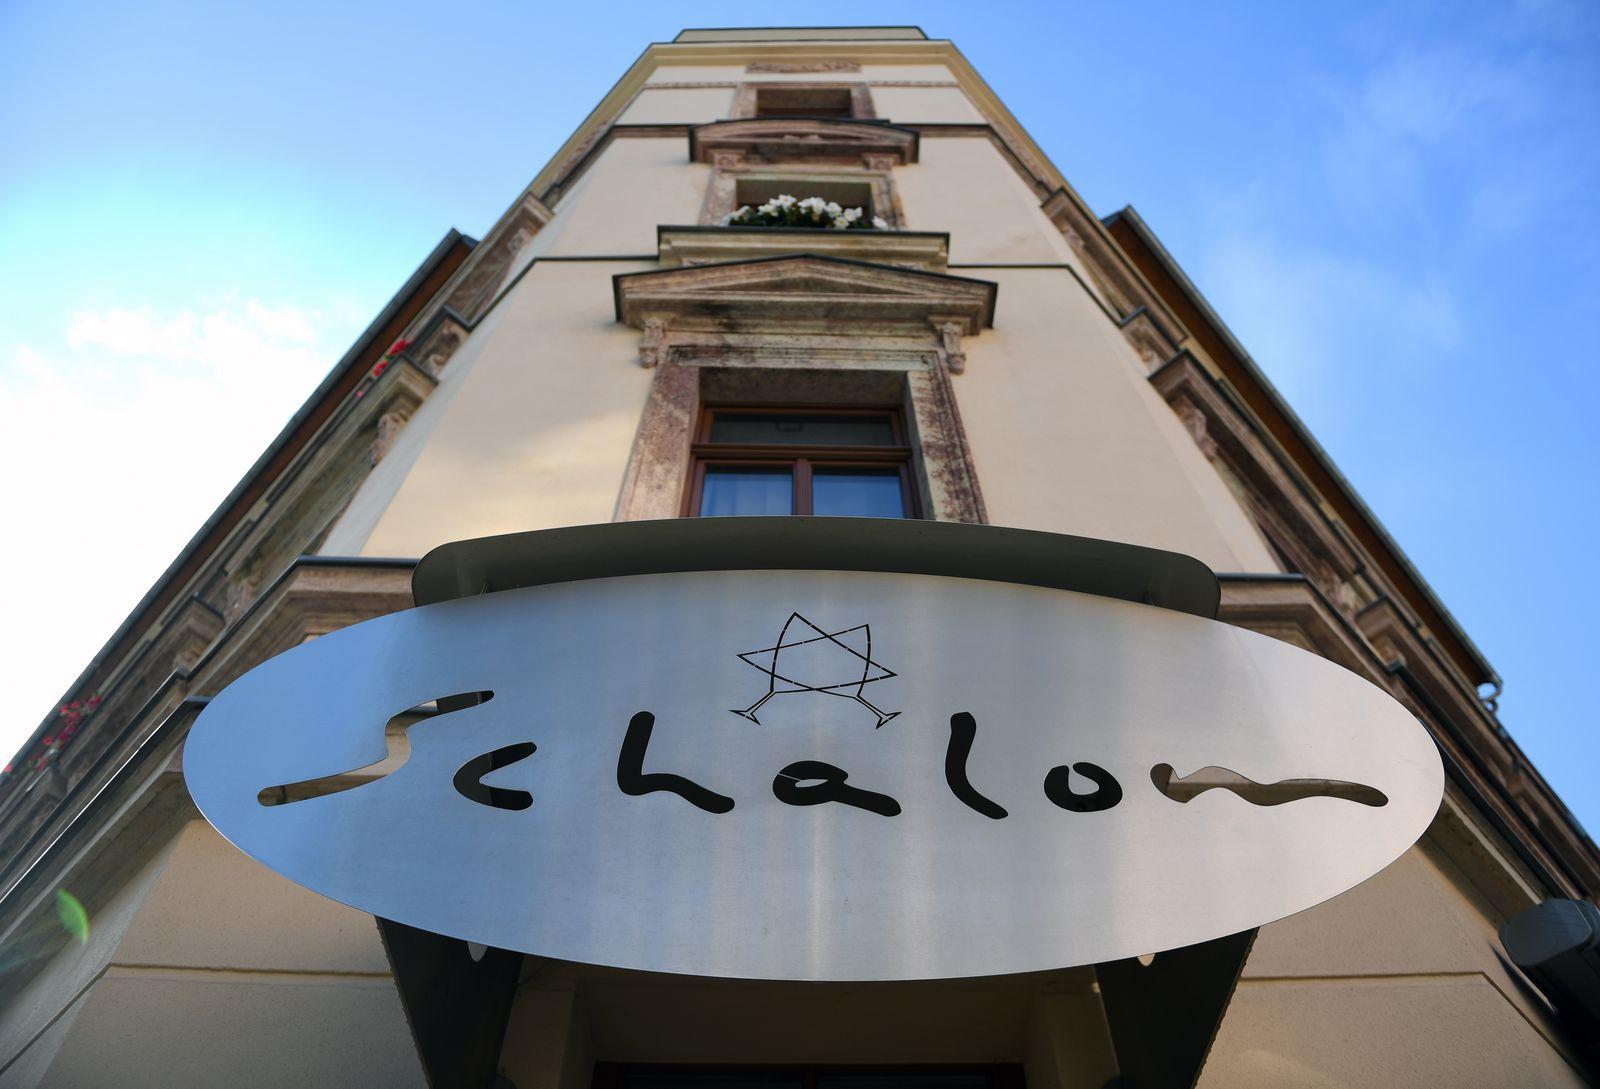 Angriff auf jüdisches Restaurant in Chemnitz